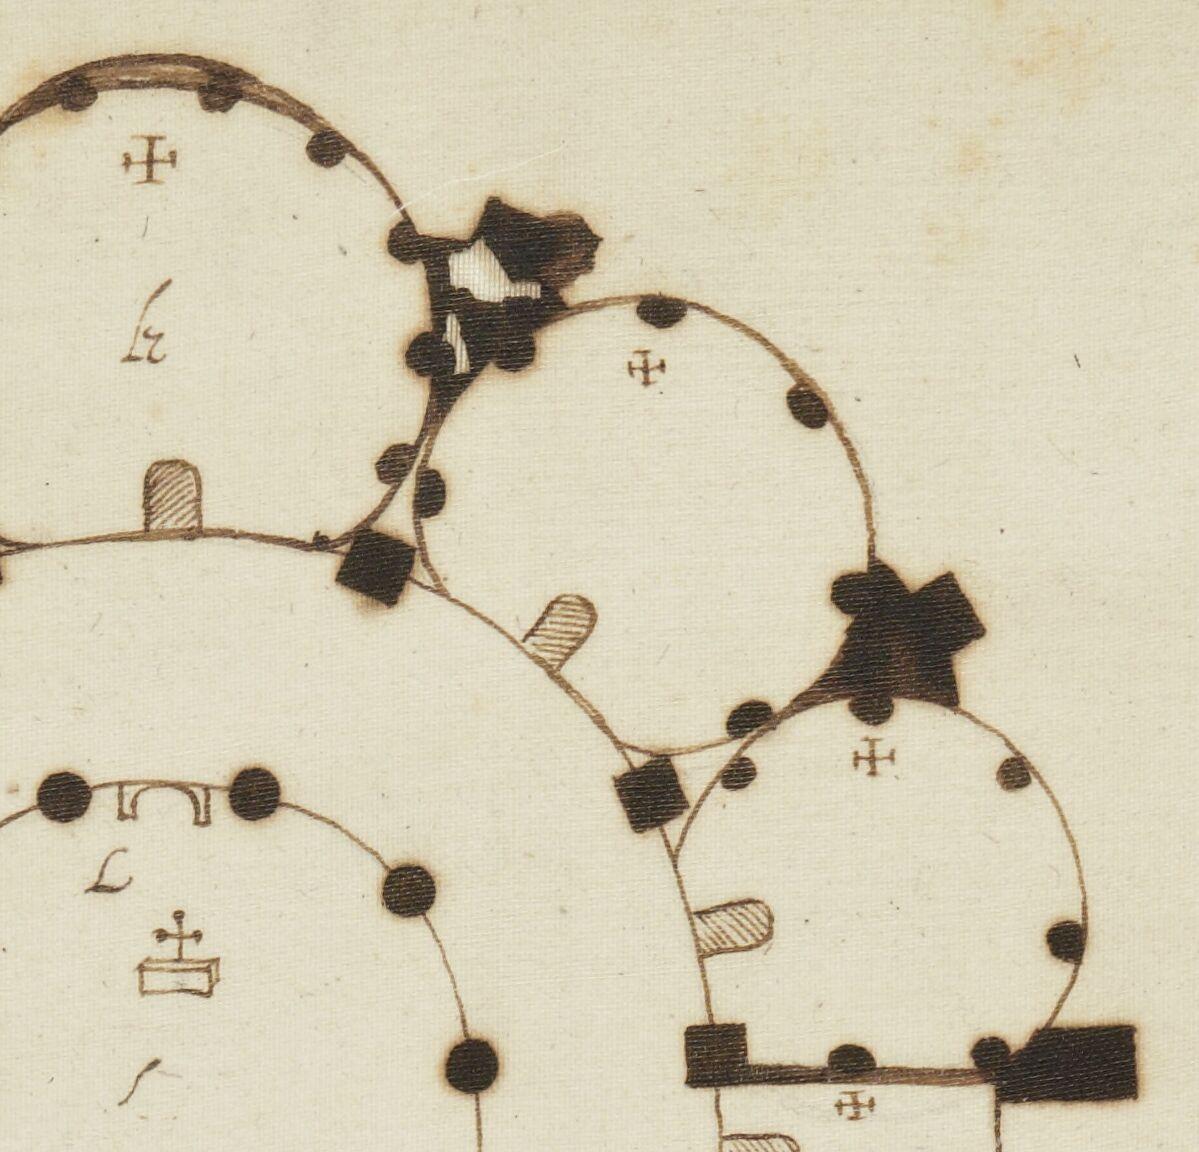 « Recherches de plusieurs singularités, par Françoys MERLIN, controlleur général de la maison de feu madame Marie-Élizabeth, fille unique de feu roy Charles dernier,... portraictes et escrites par Jacques Cellier, demourant à Reims. » (4583-1587).